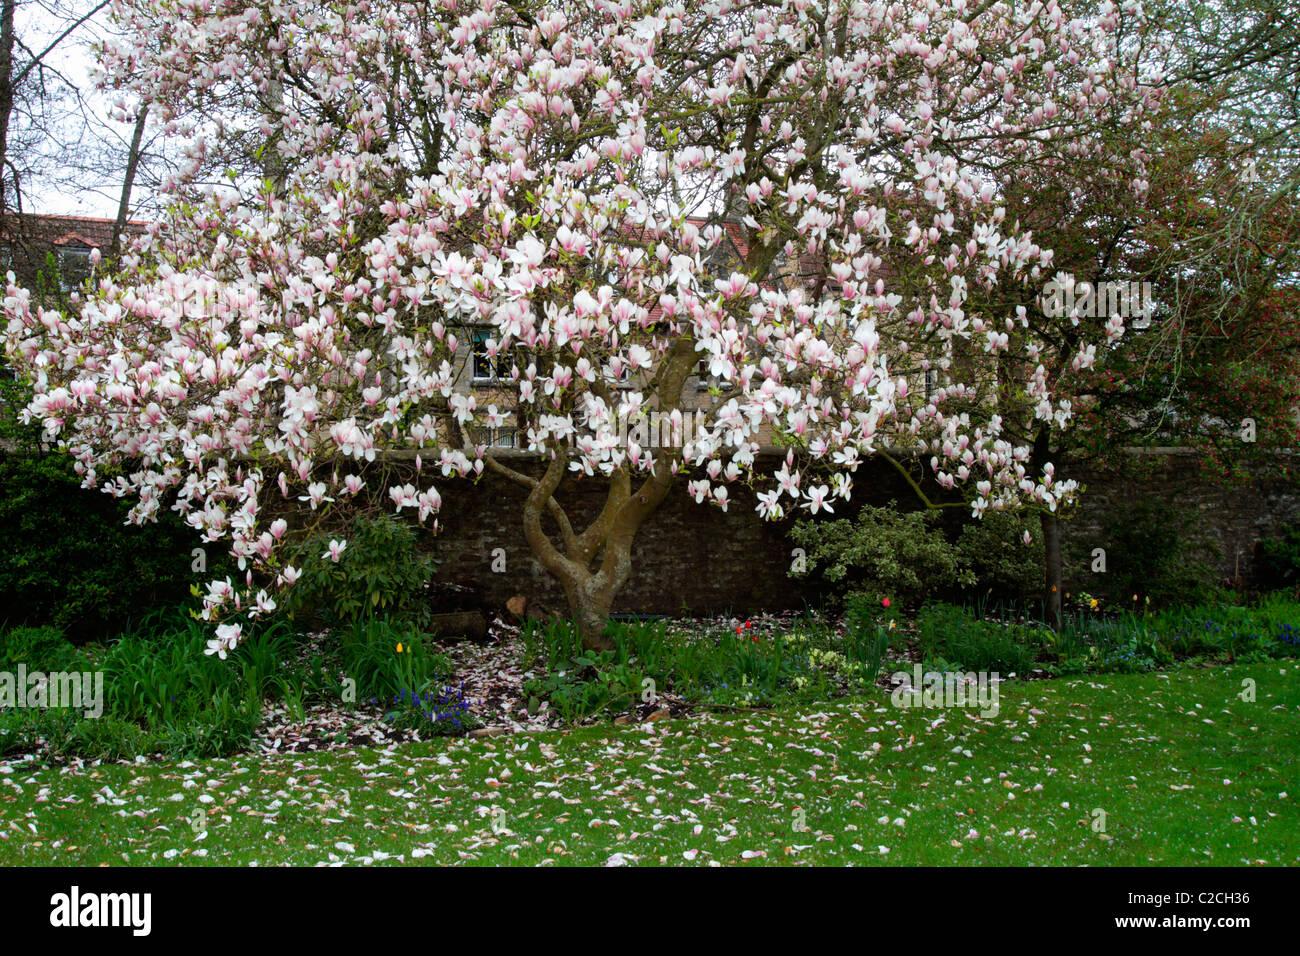 Magnolia Tree In Full Bloom In April Stock Photo 35926890 Alamy